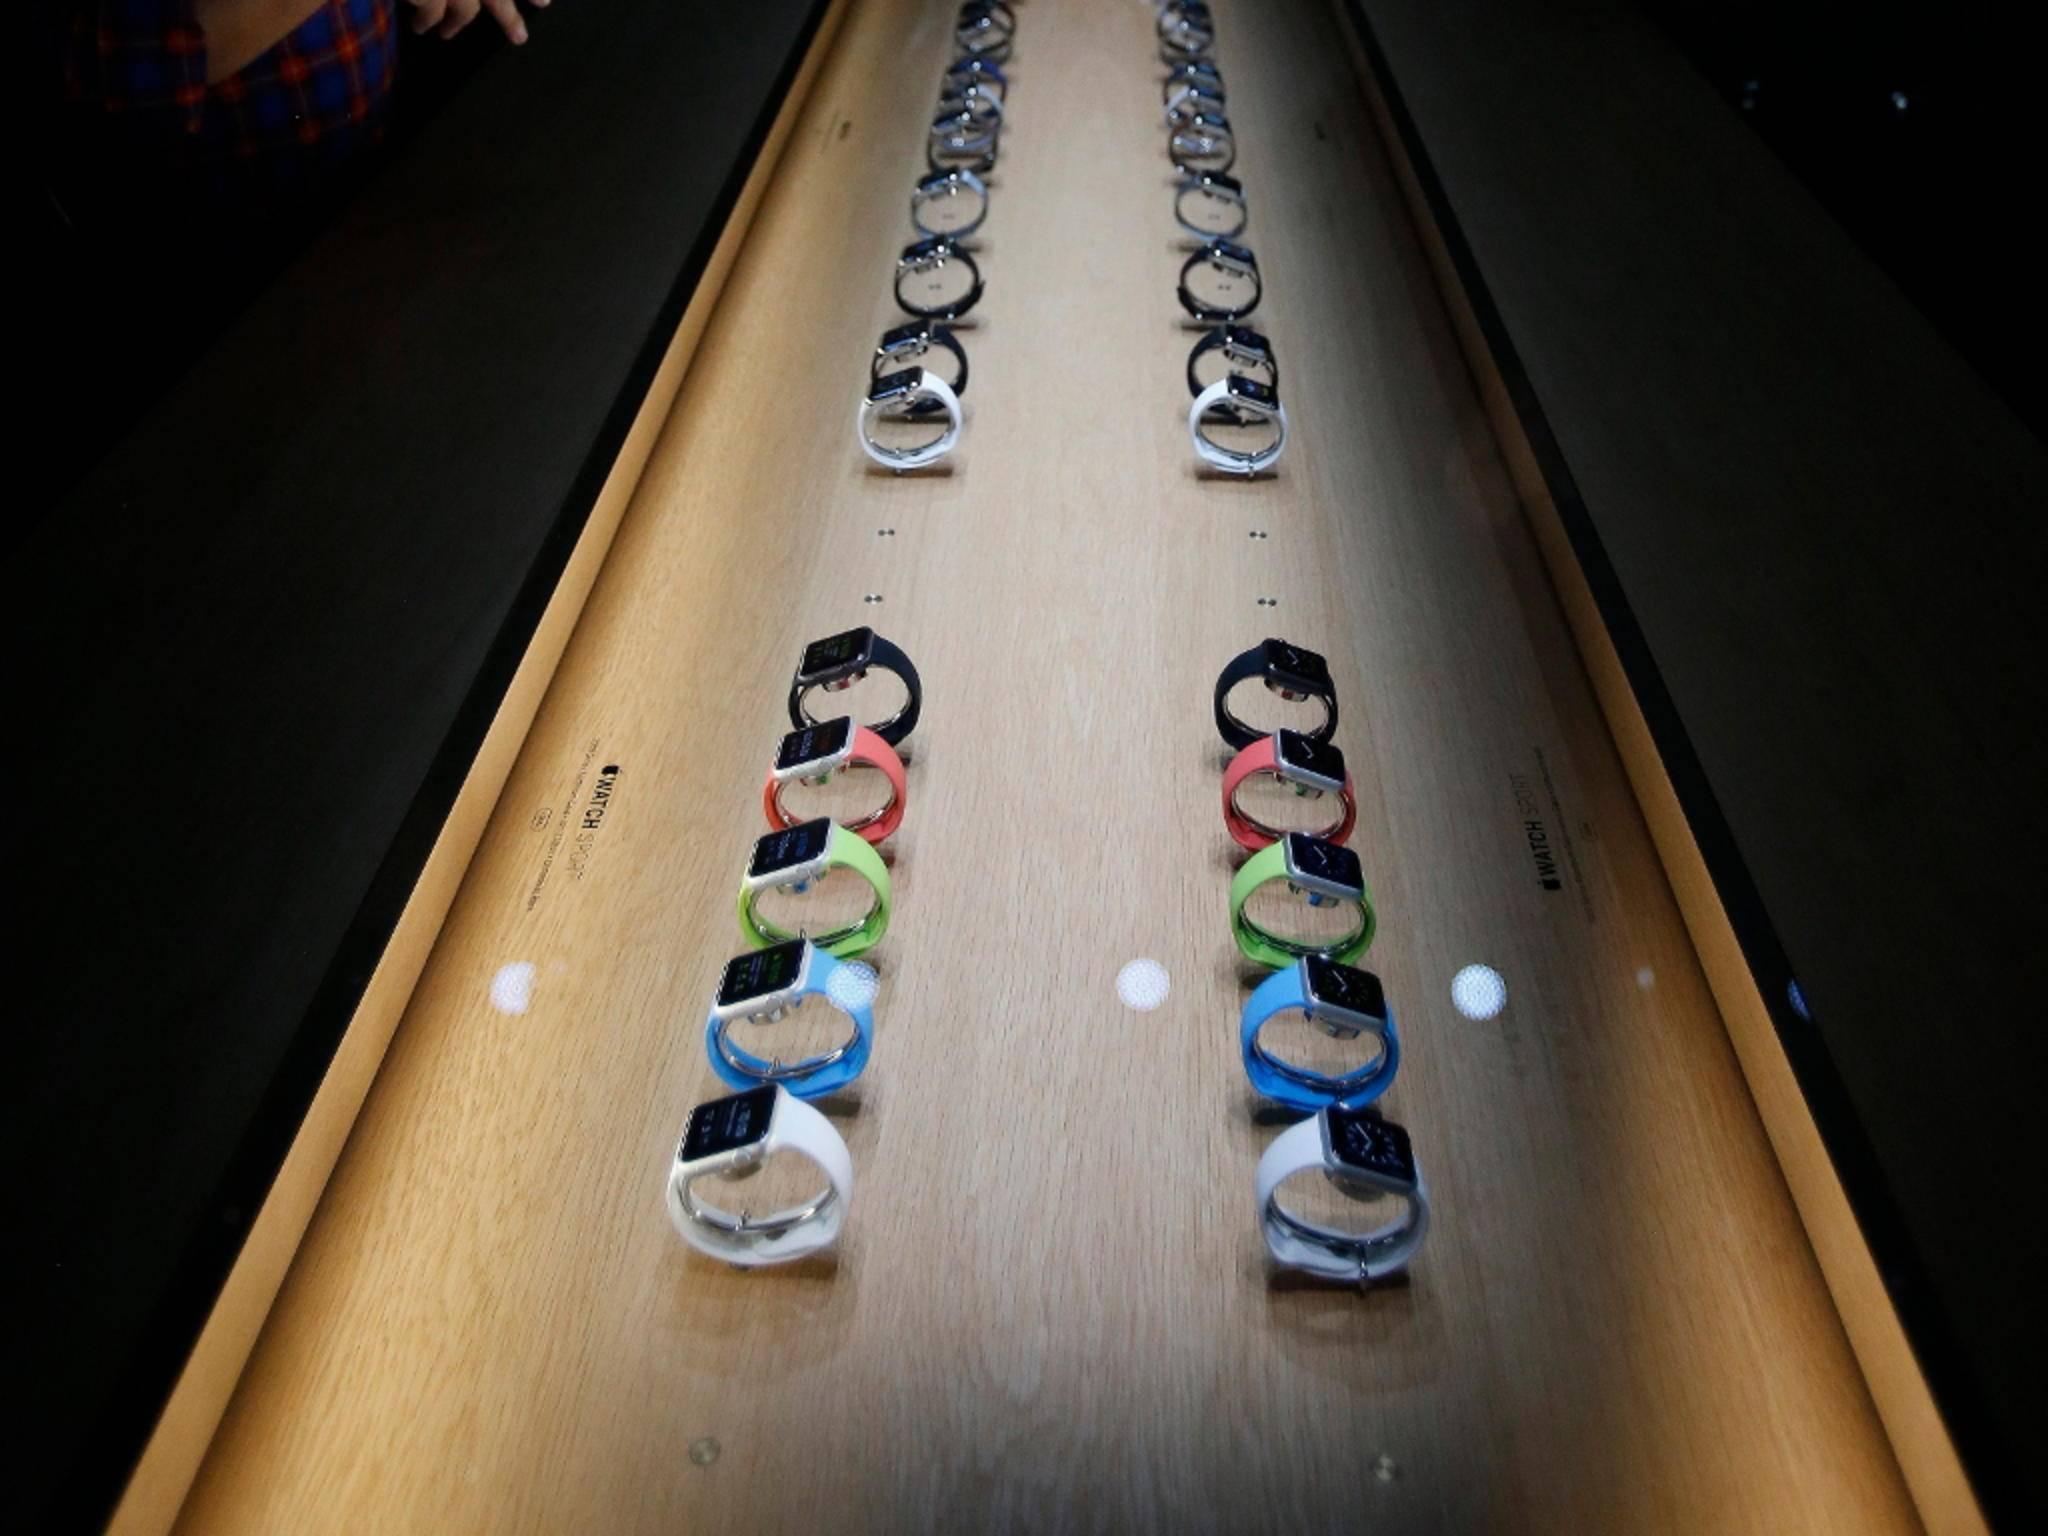 Die Apple Watch soll den Smartwatch-Markt revolutionieren.